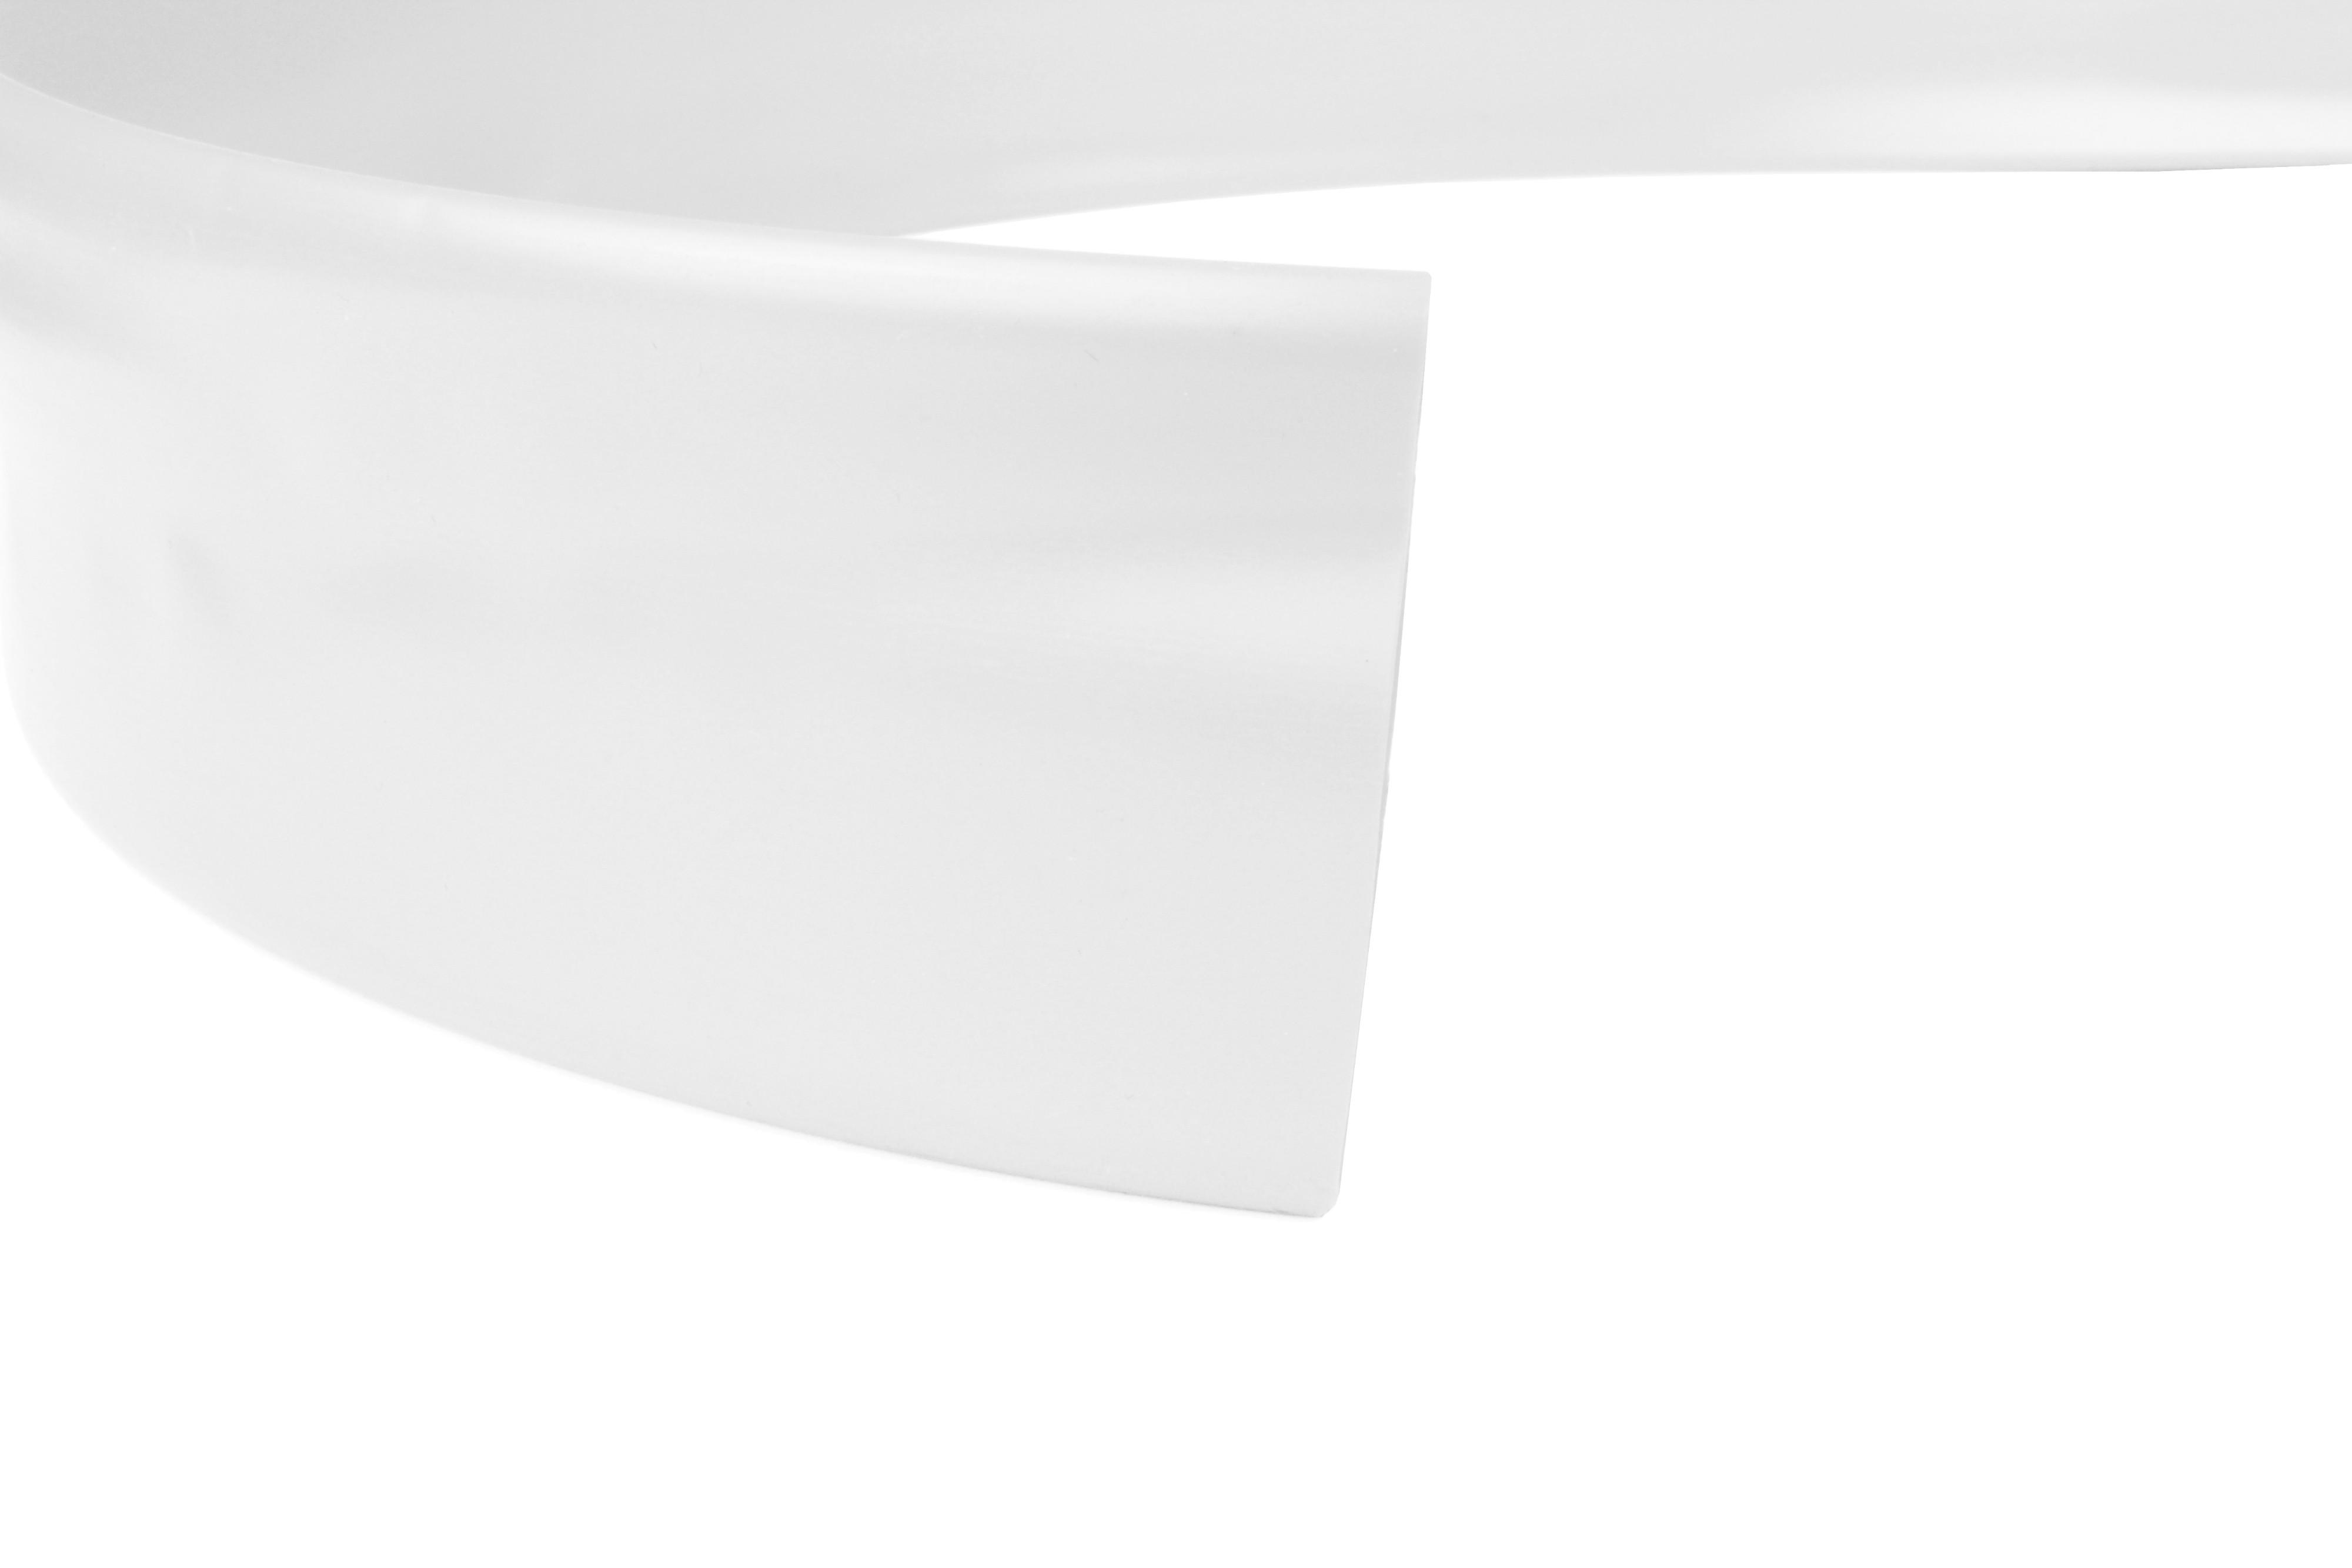 PVC Heat Shrink Tubing - HPV Heat Shrink Size 6.4/3.2mm GLOSSY WHITE